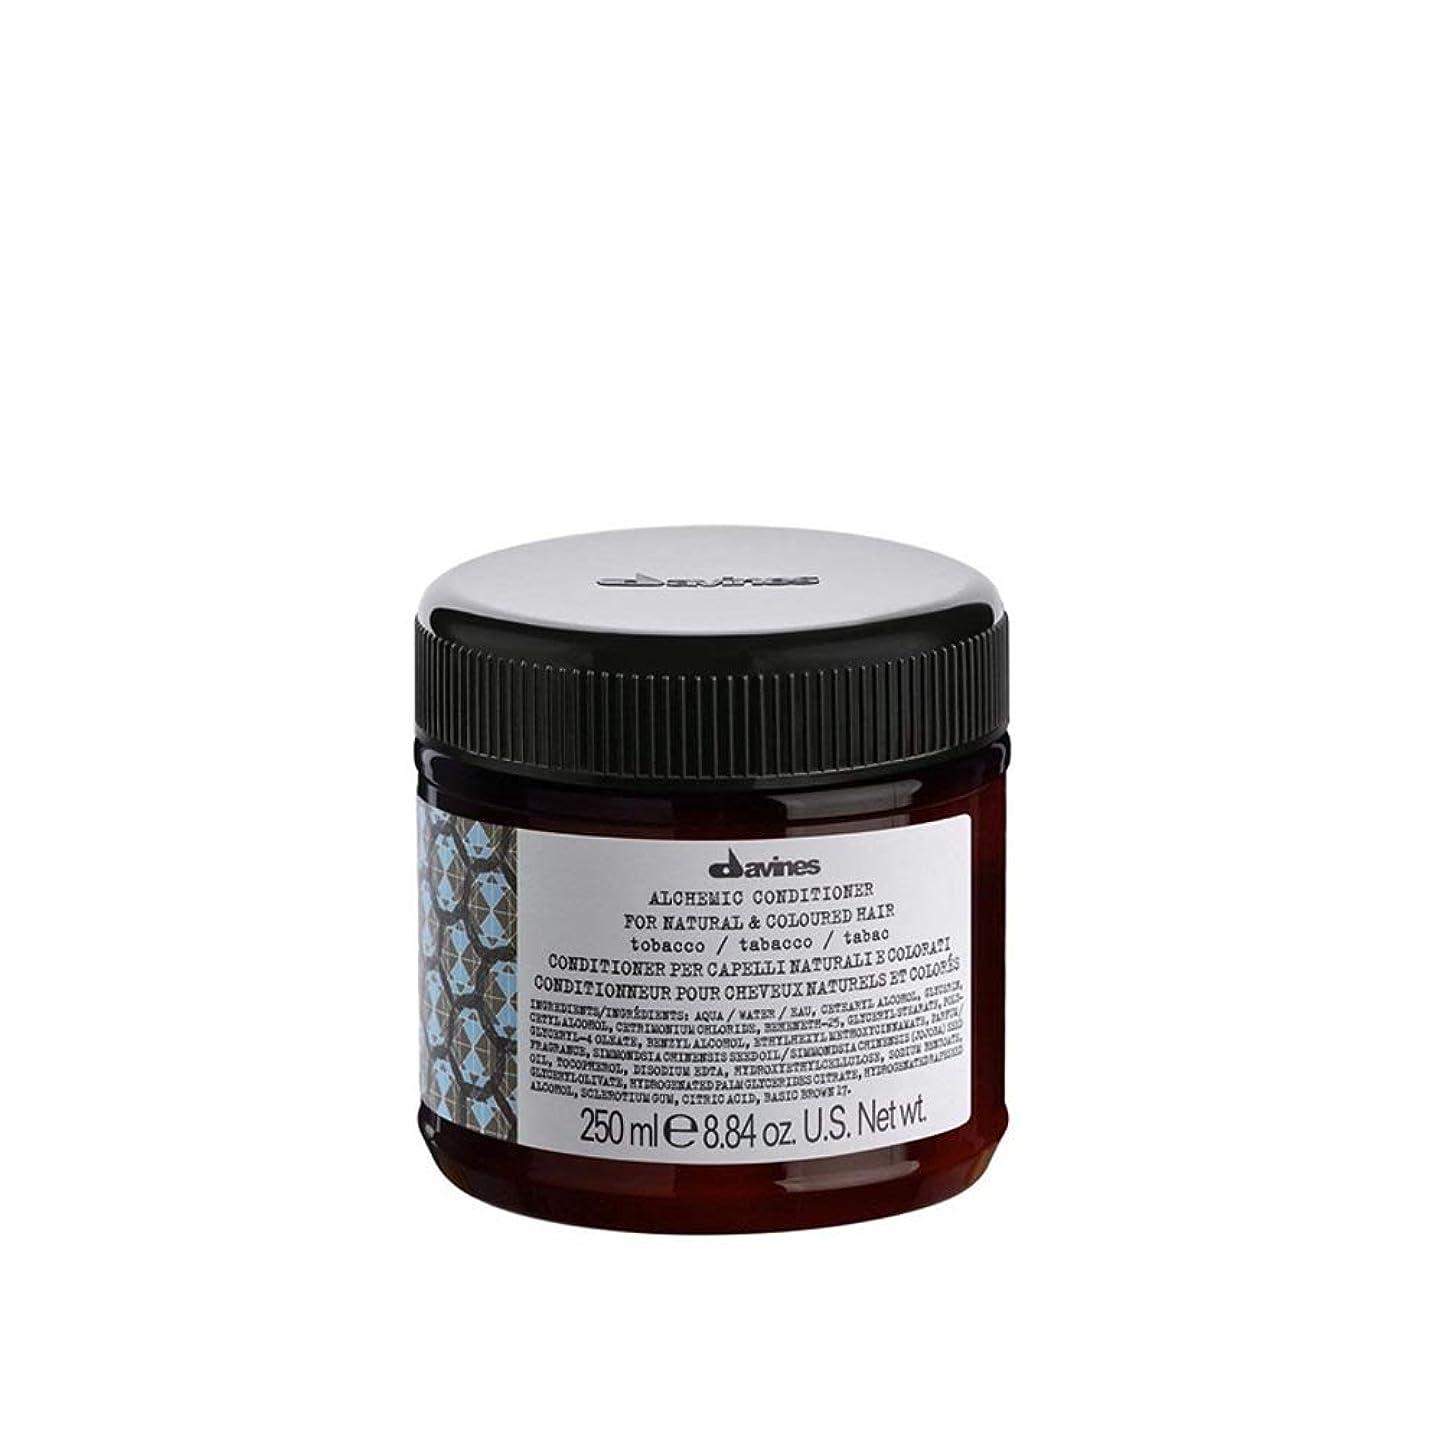 サスペンションポーチ無効ダヴィネス Alchemic Conditioner - # Tobacco (For Natural & Coloured Hair) 250ml/8.84oz並行輸入品